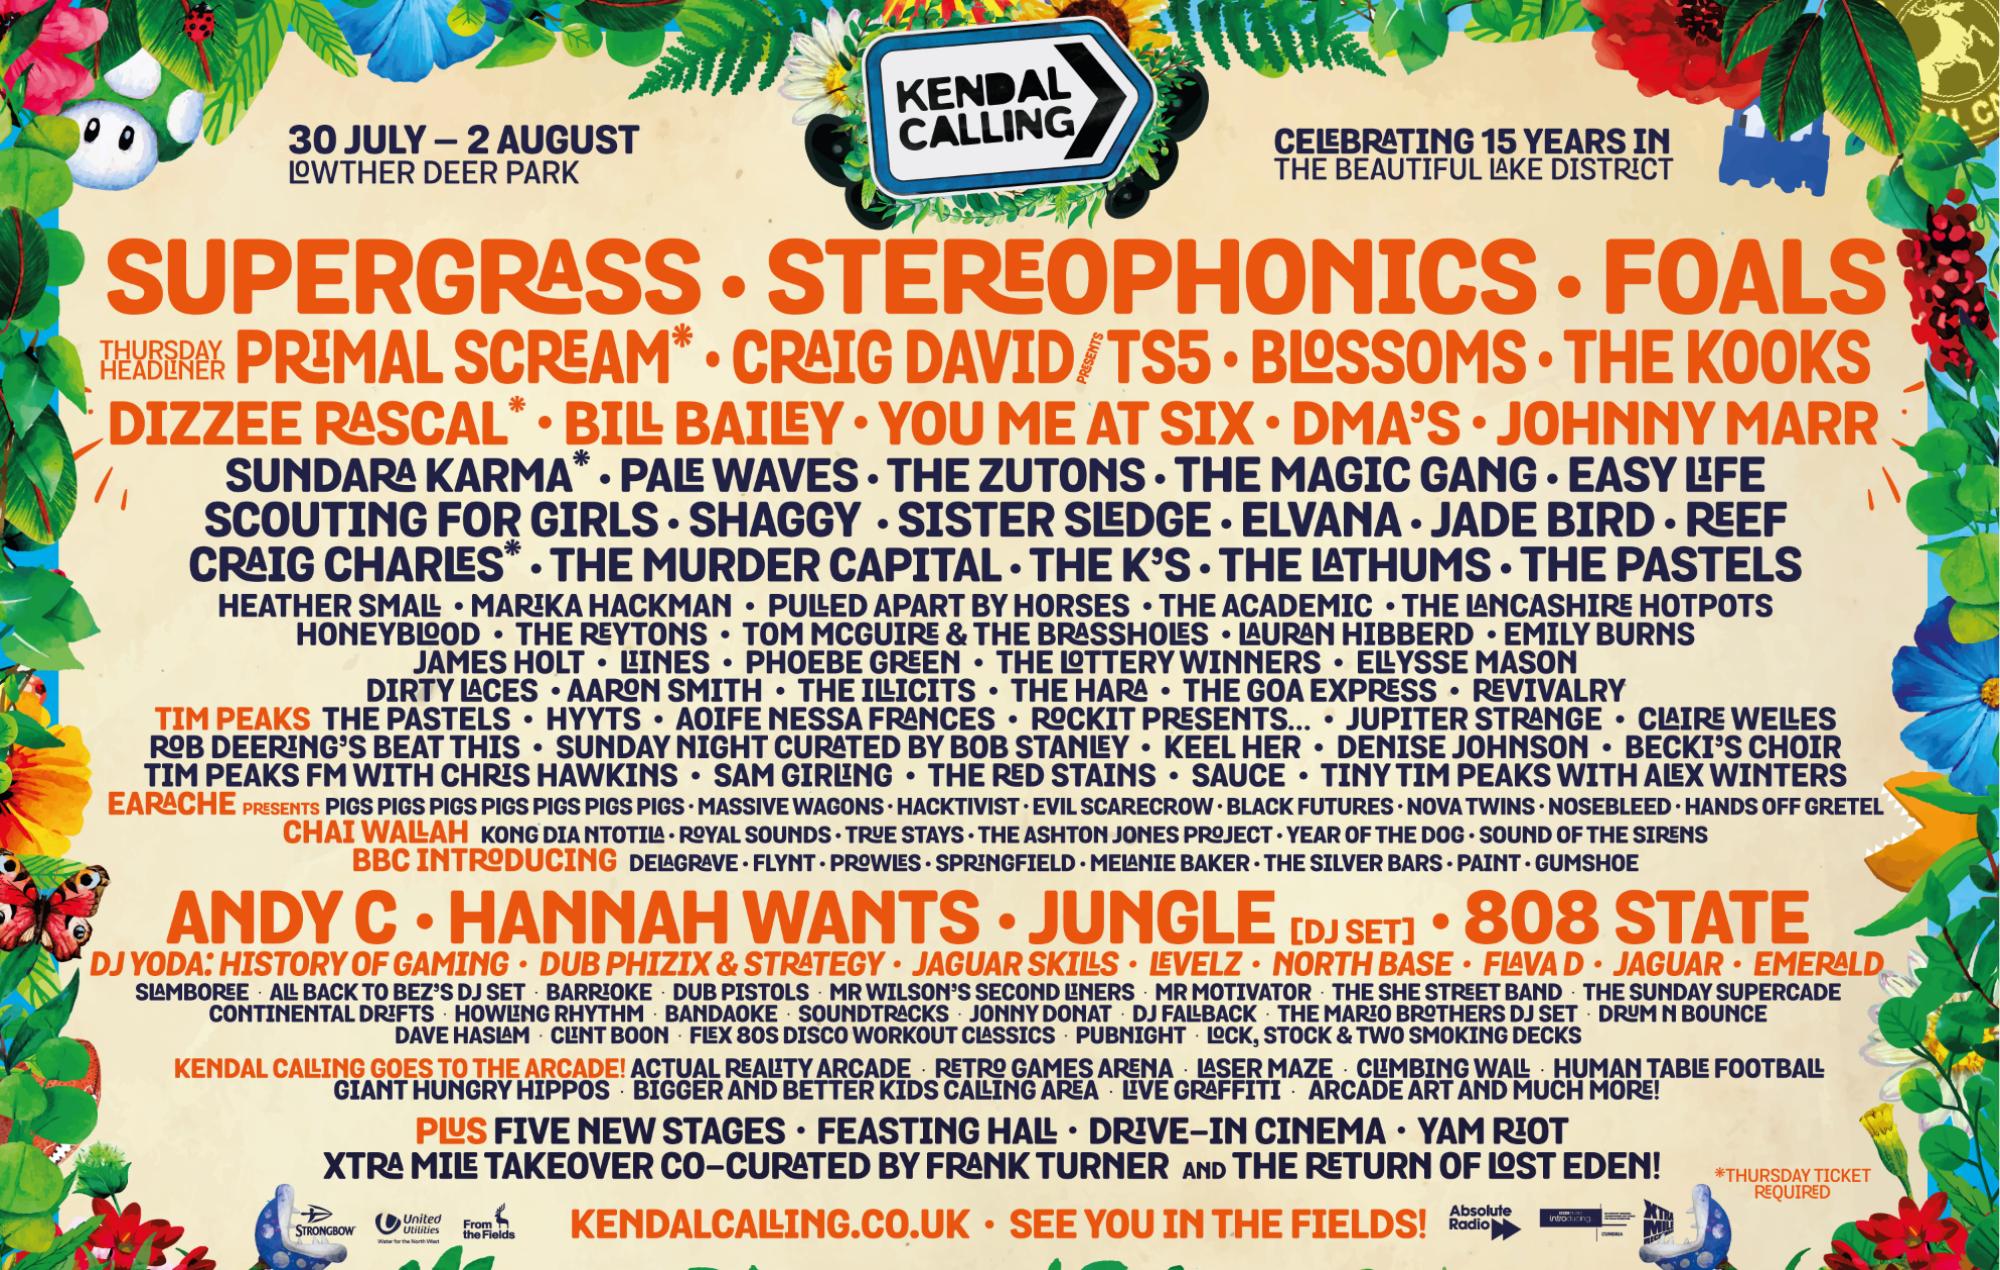 Stereophonics-Kelly Jones Kendal Calling Festival UK 2017 POSTER 3